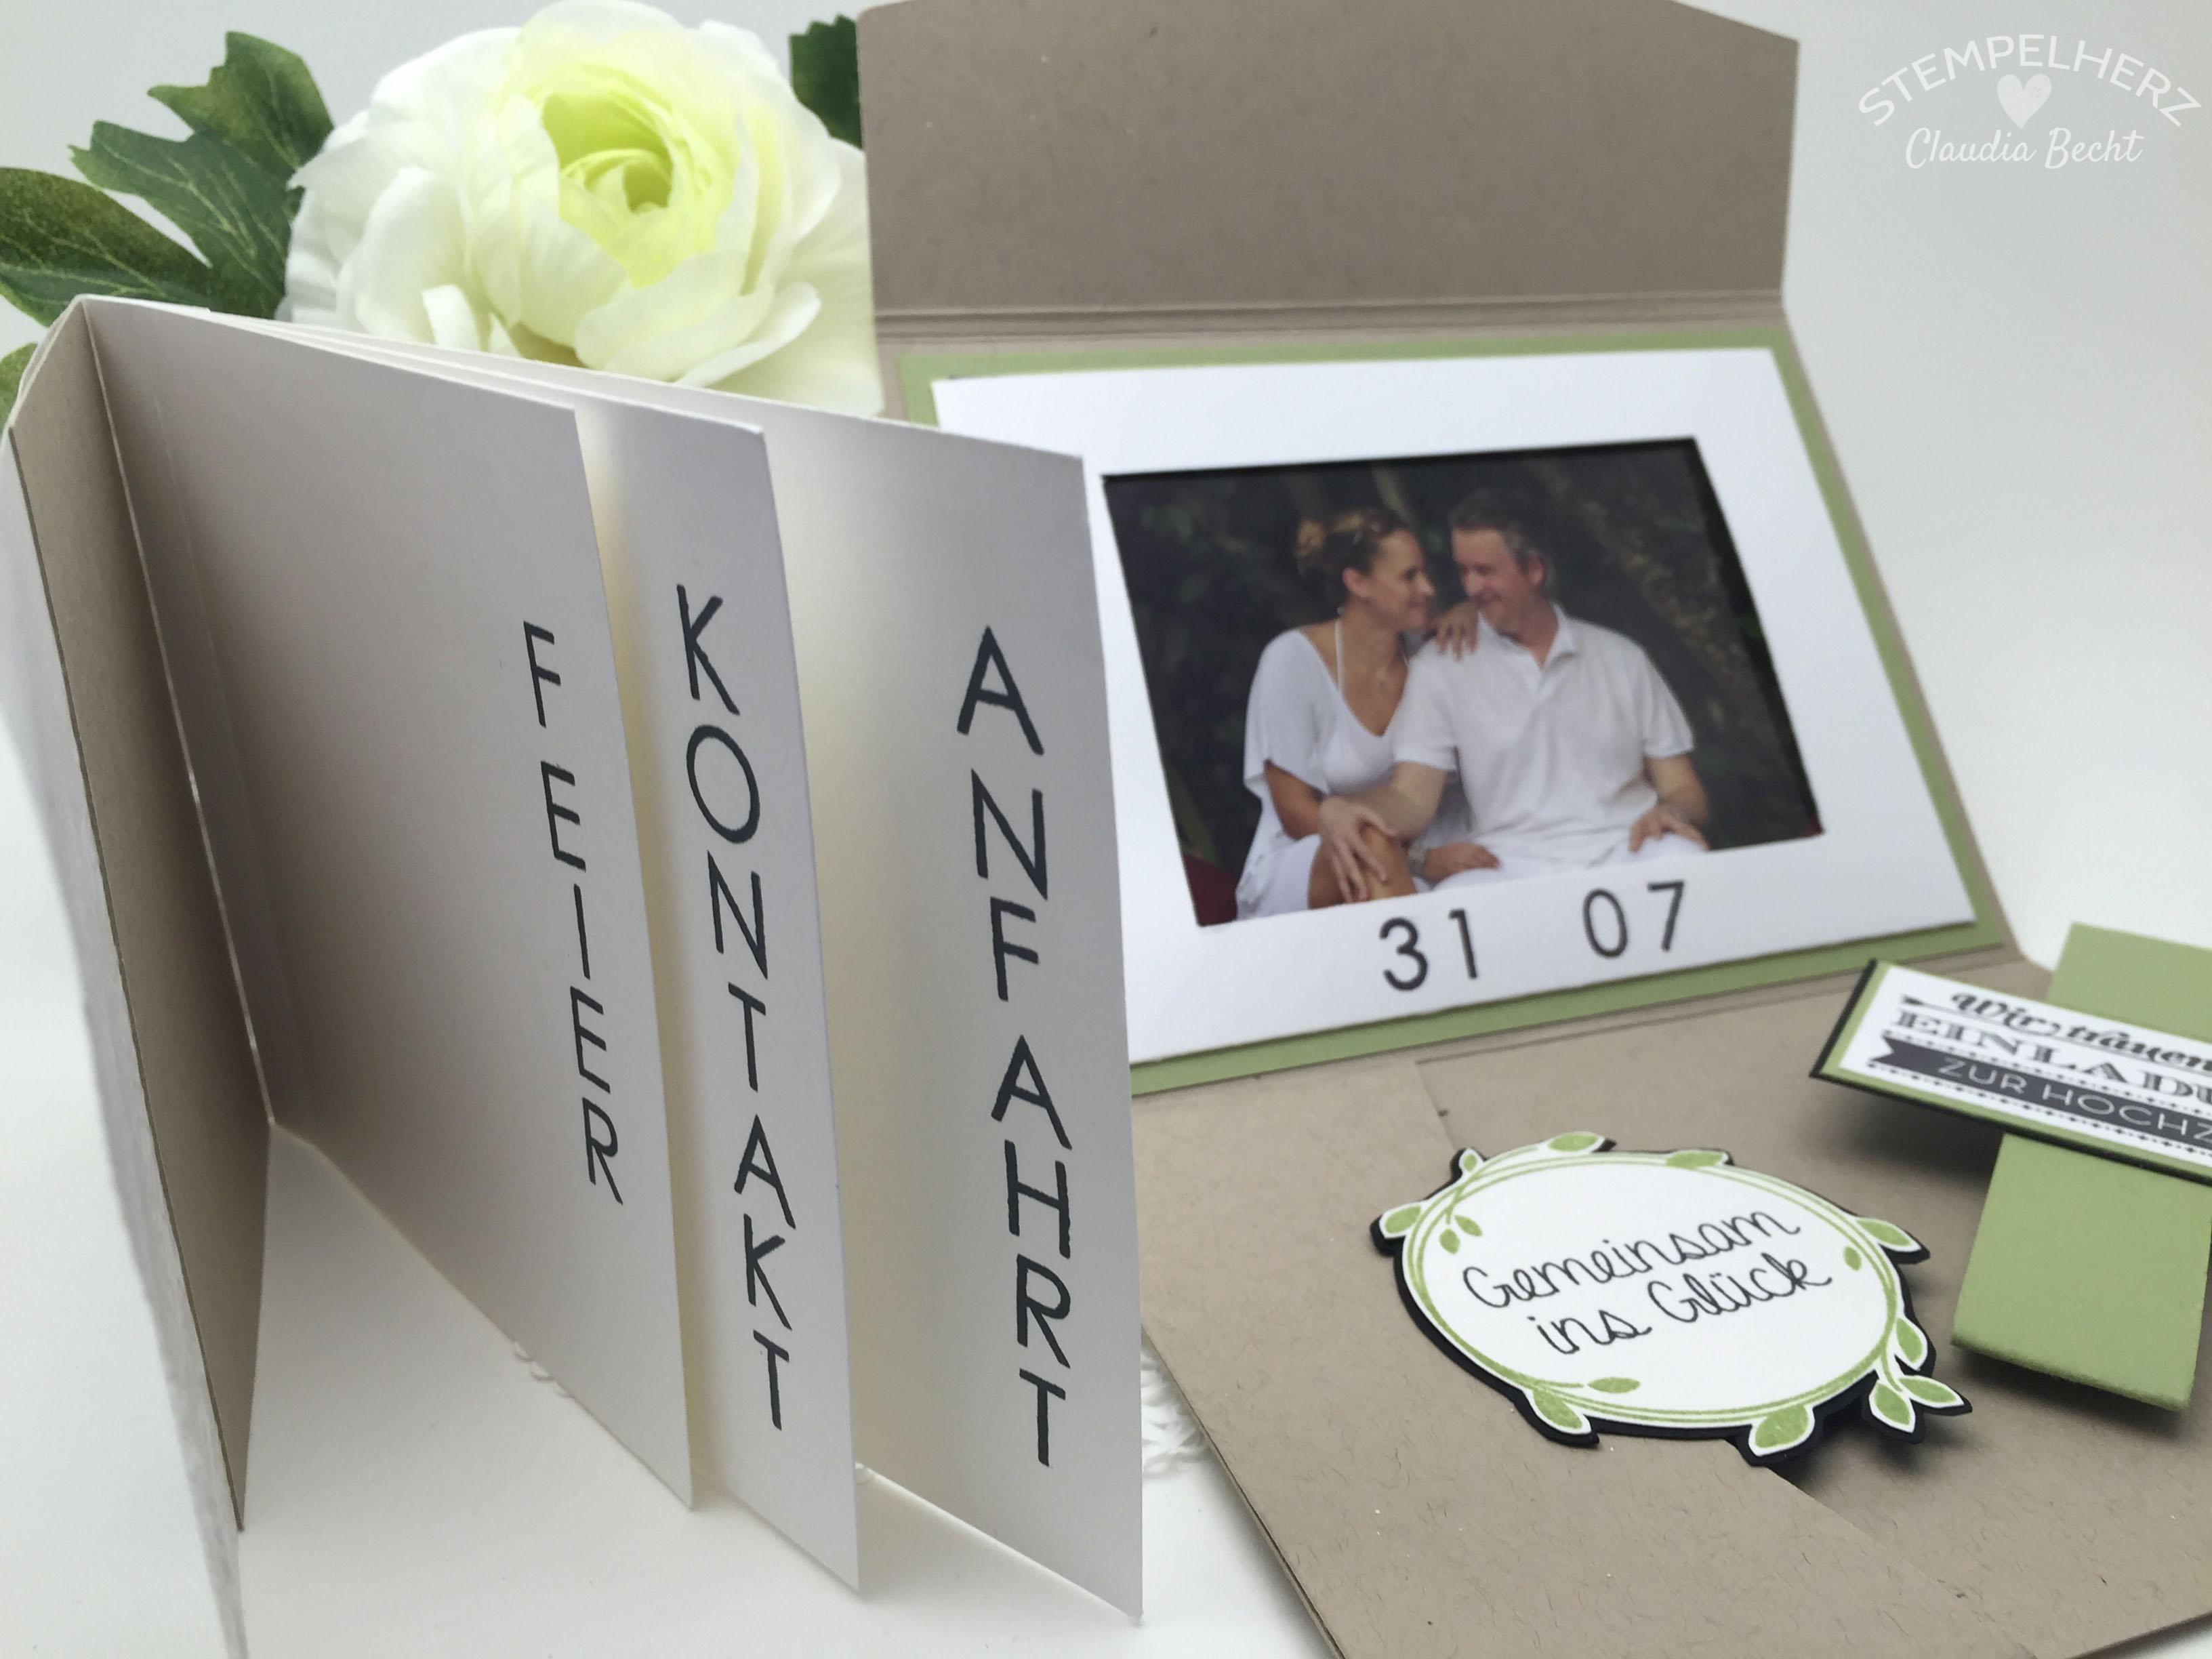 Karten Hochzeit Einladung #31: Stampin Up Stempelherz Hochzeit  Hochzeitseinladung Einladung Karte Hochzeitseinladung Wir Trauen